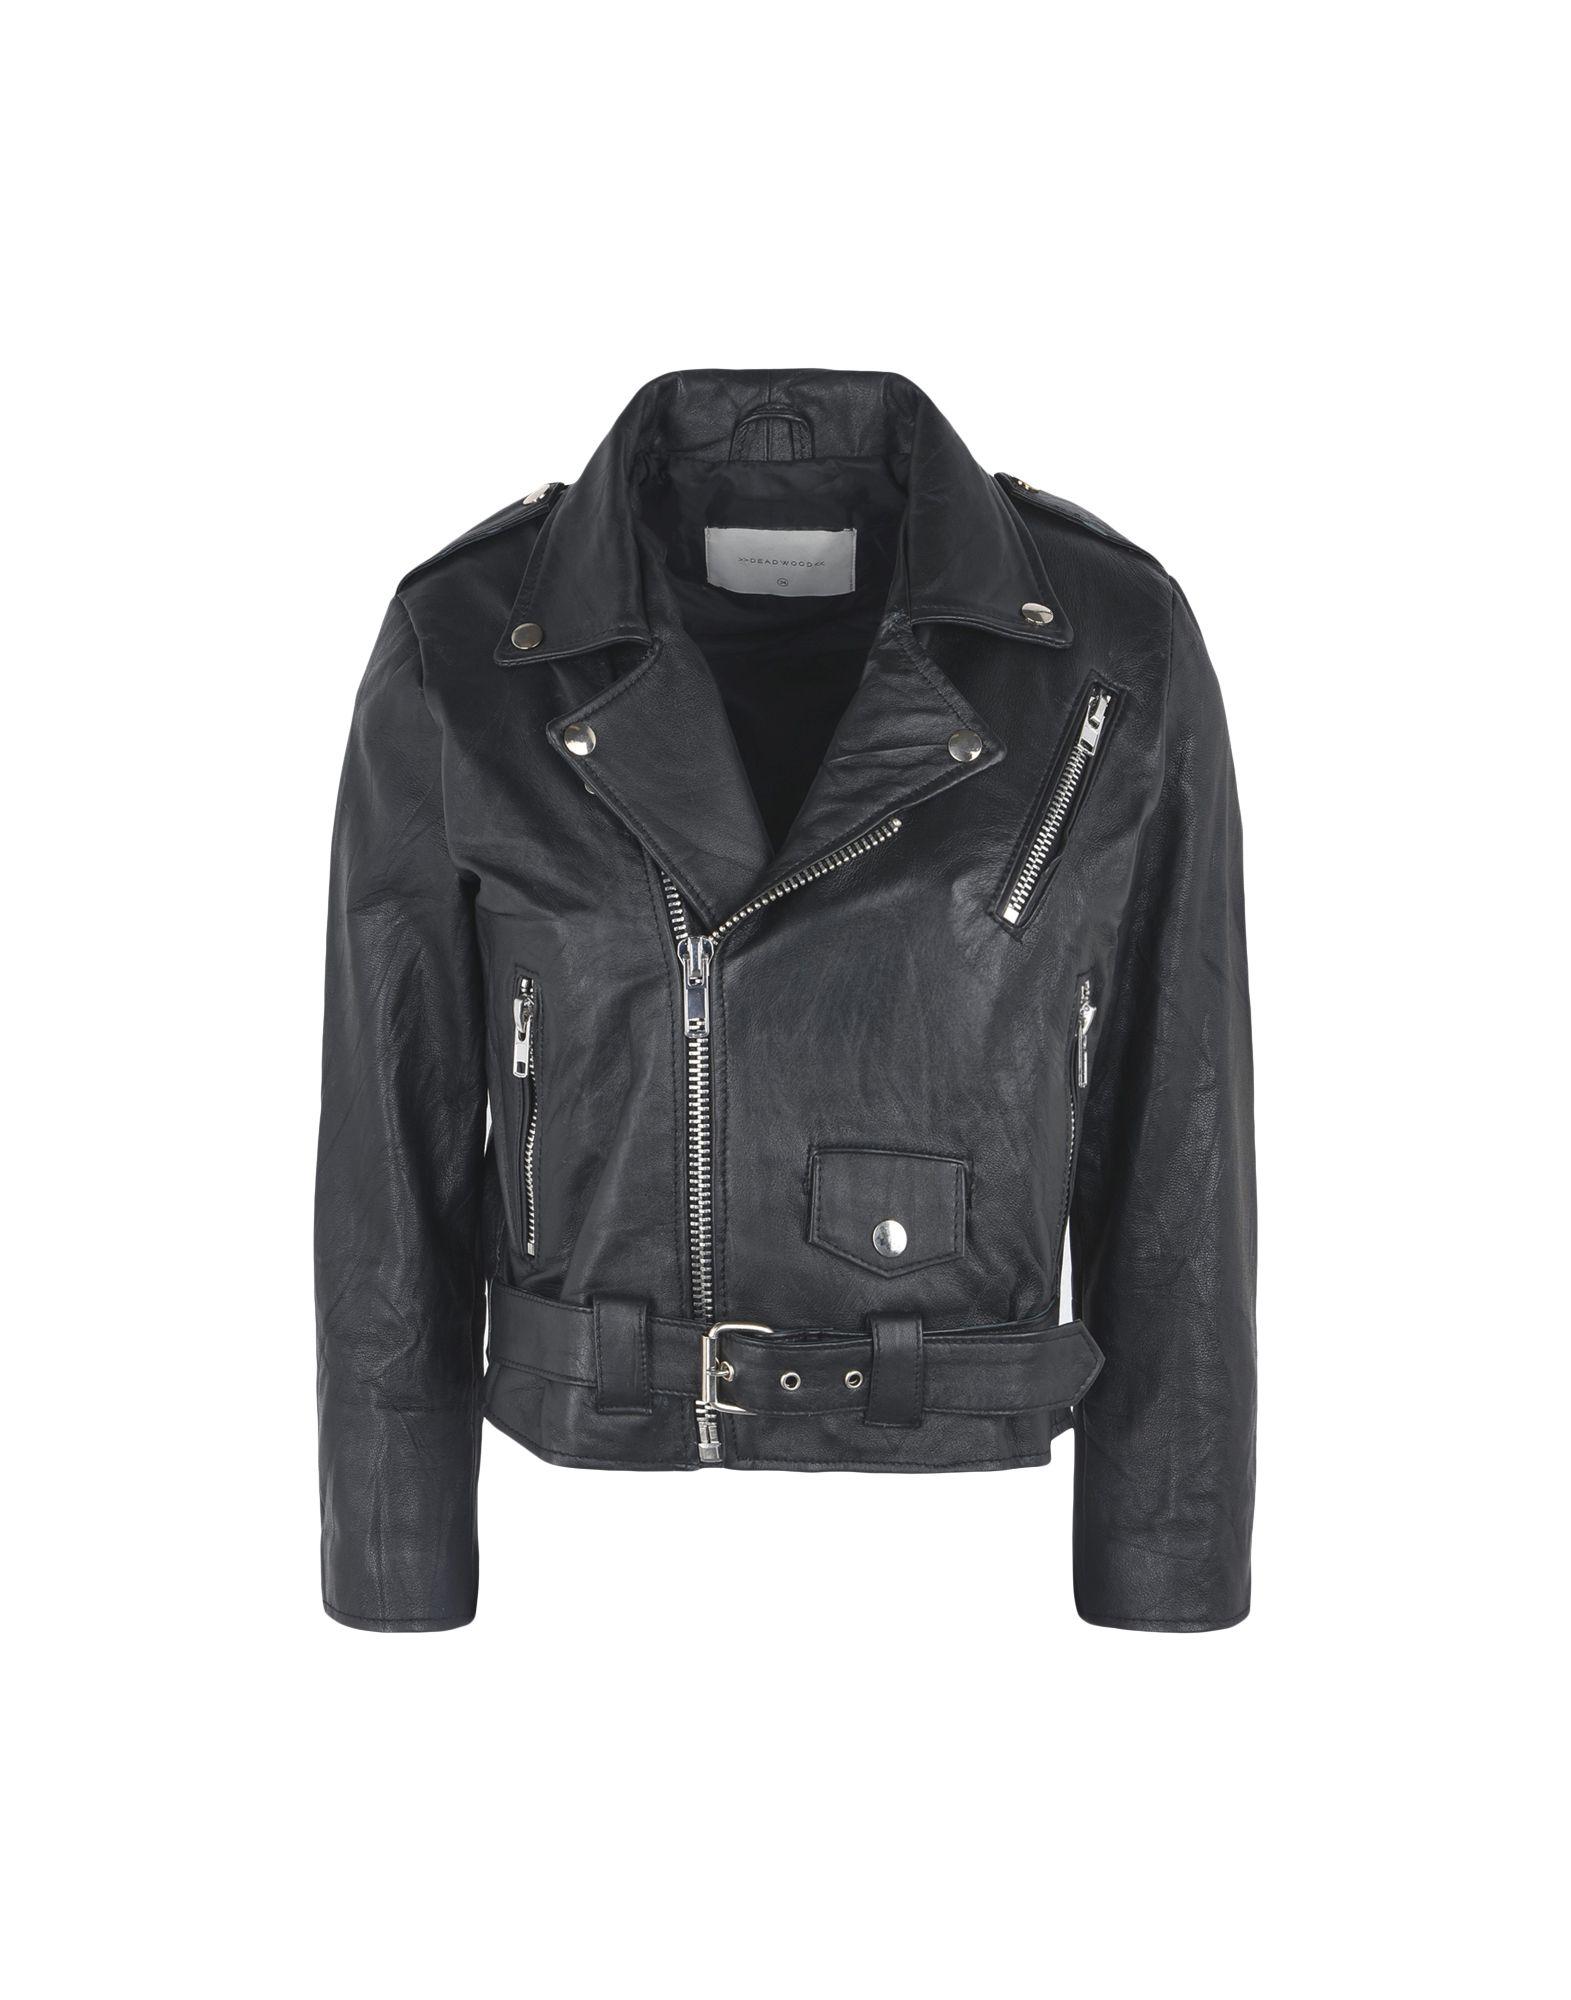 DEADWOOD Куртка чита мотокуртка косуха